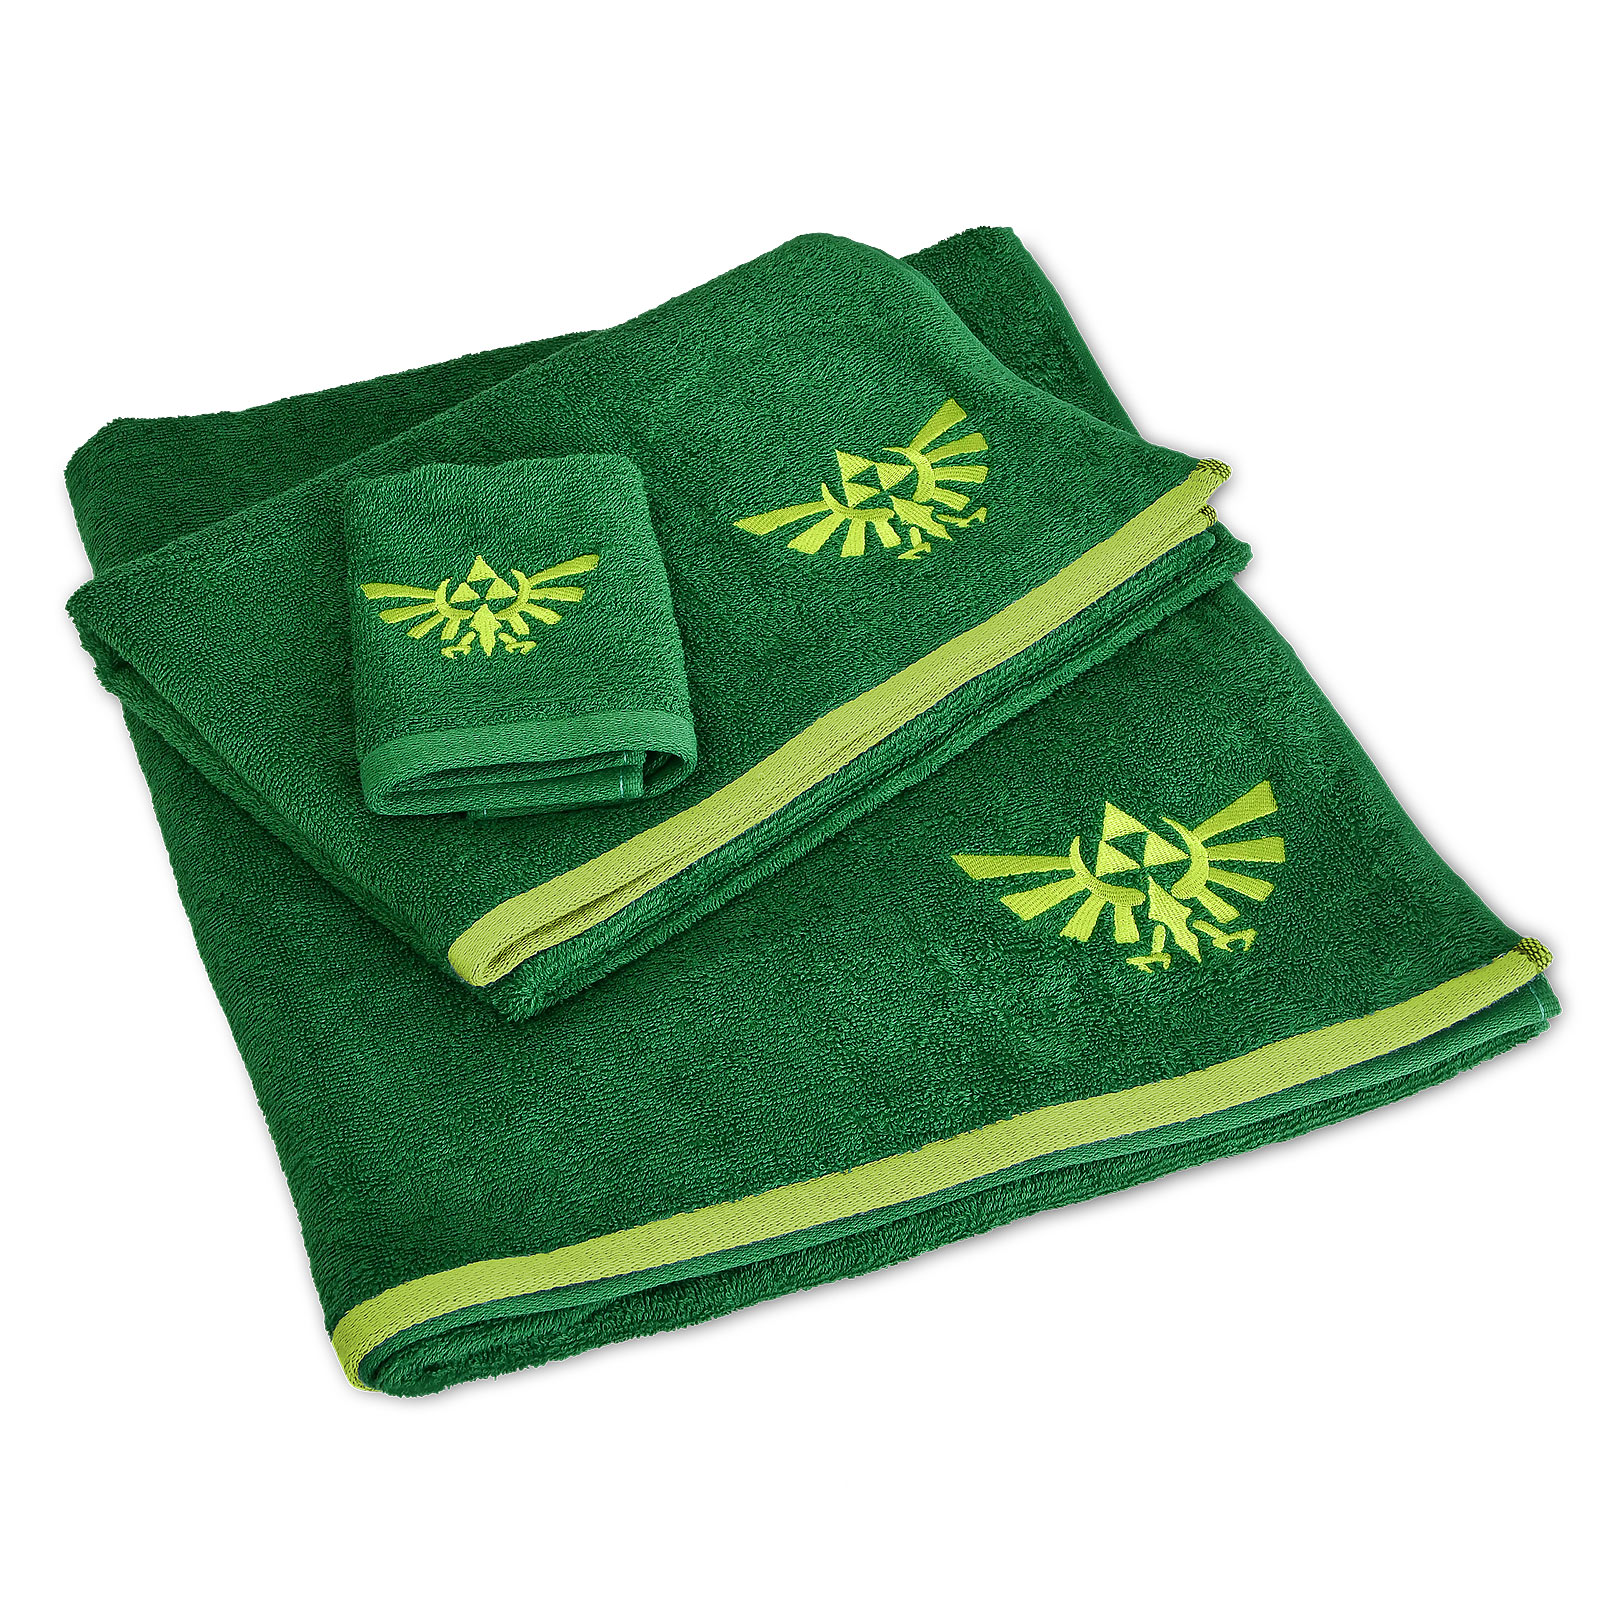 Zelda - Hyrule Logo Handtücher mit Waschlappen 3er Set